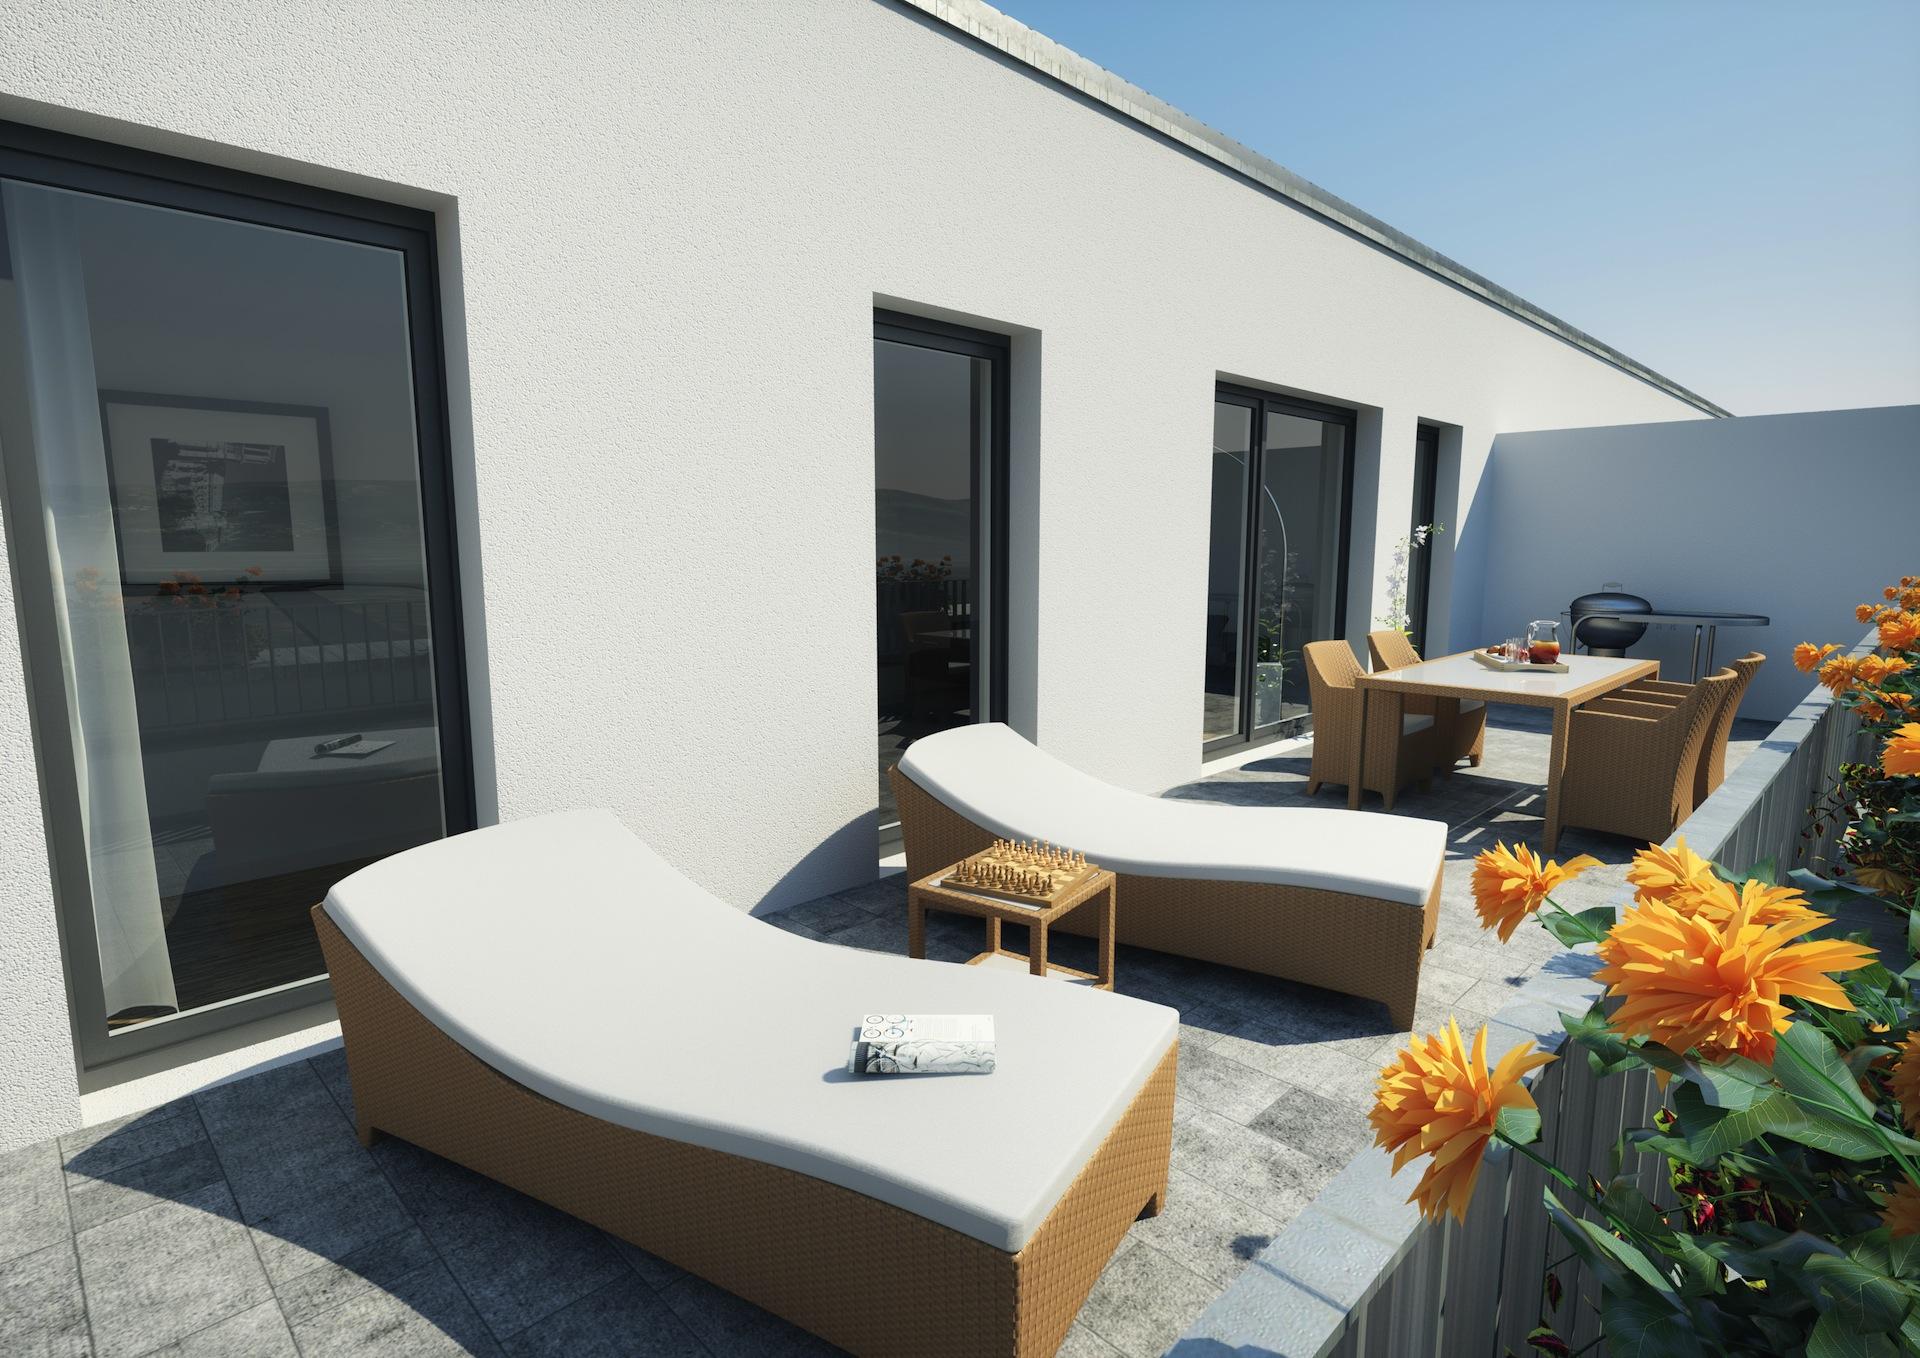 Стоимость однокомнатной квартиры во франкфурте на майне